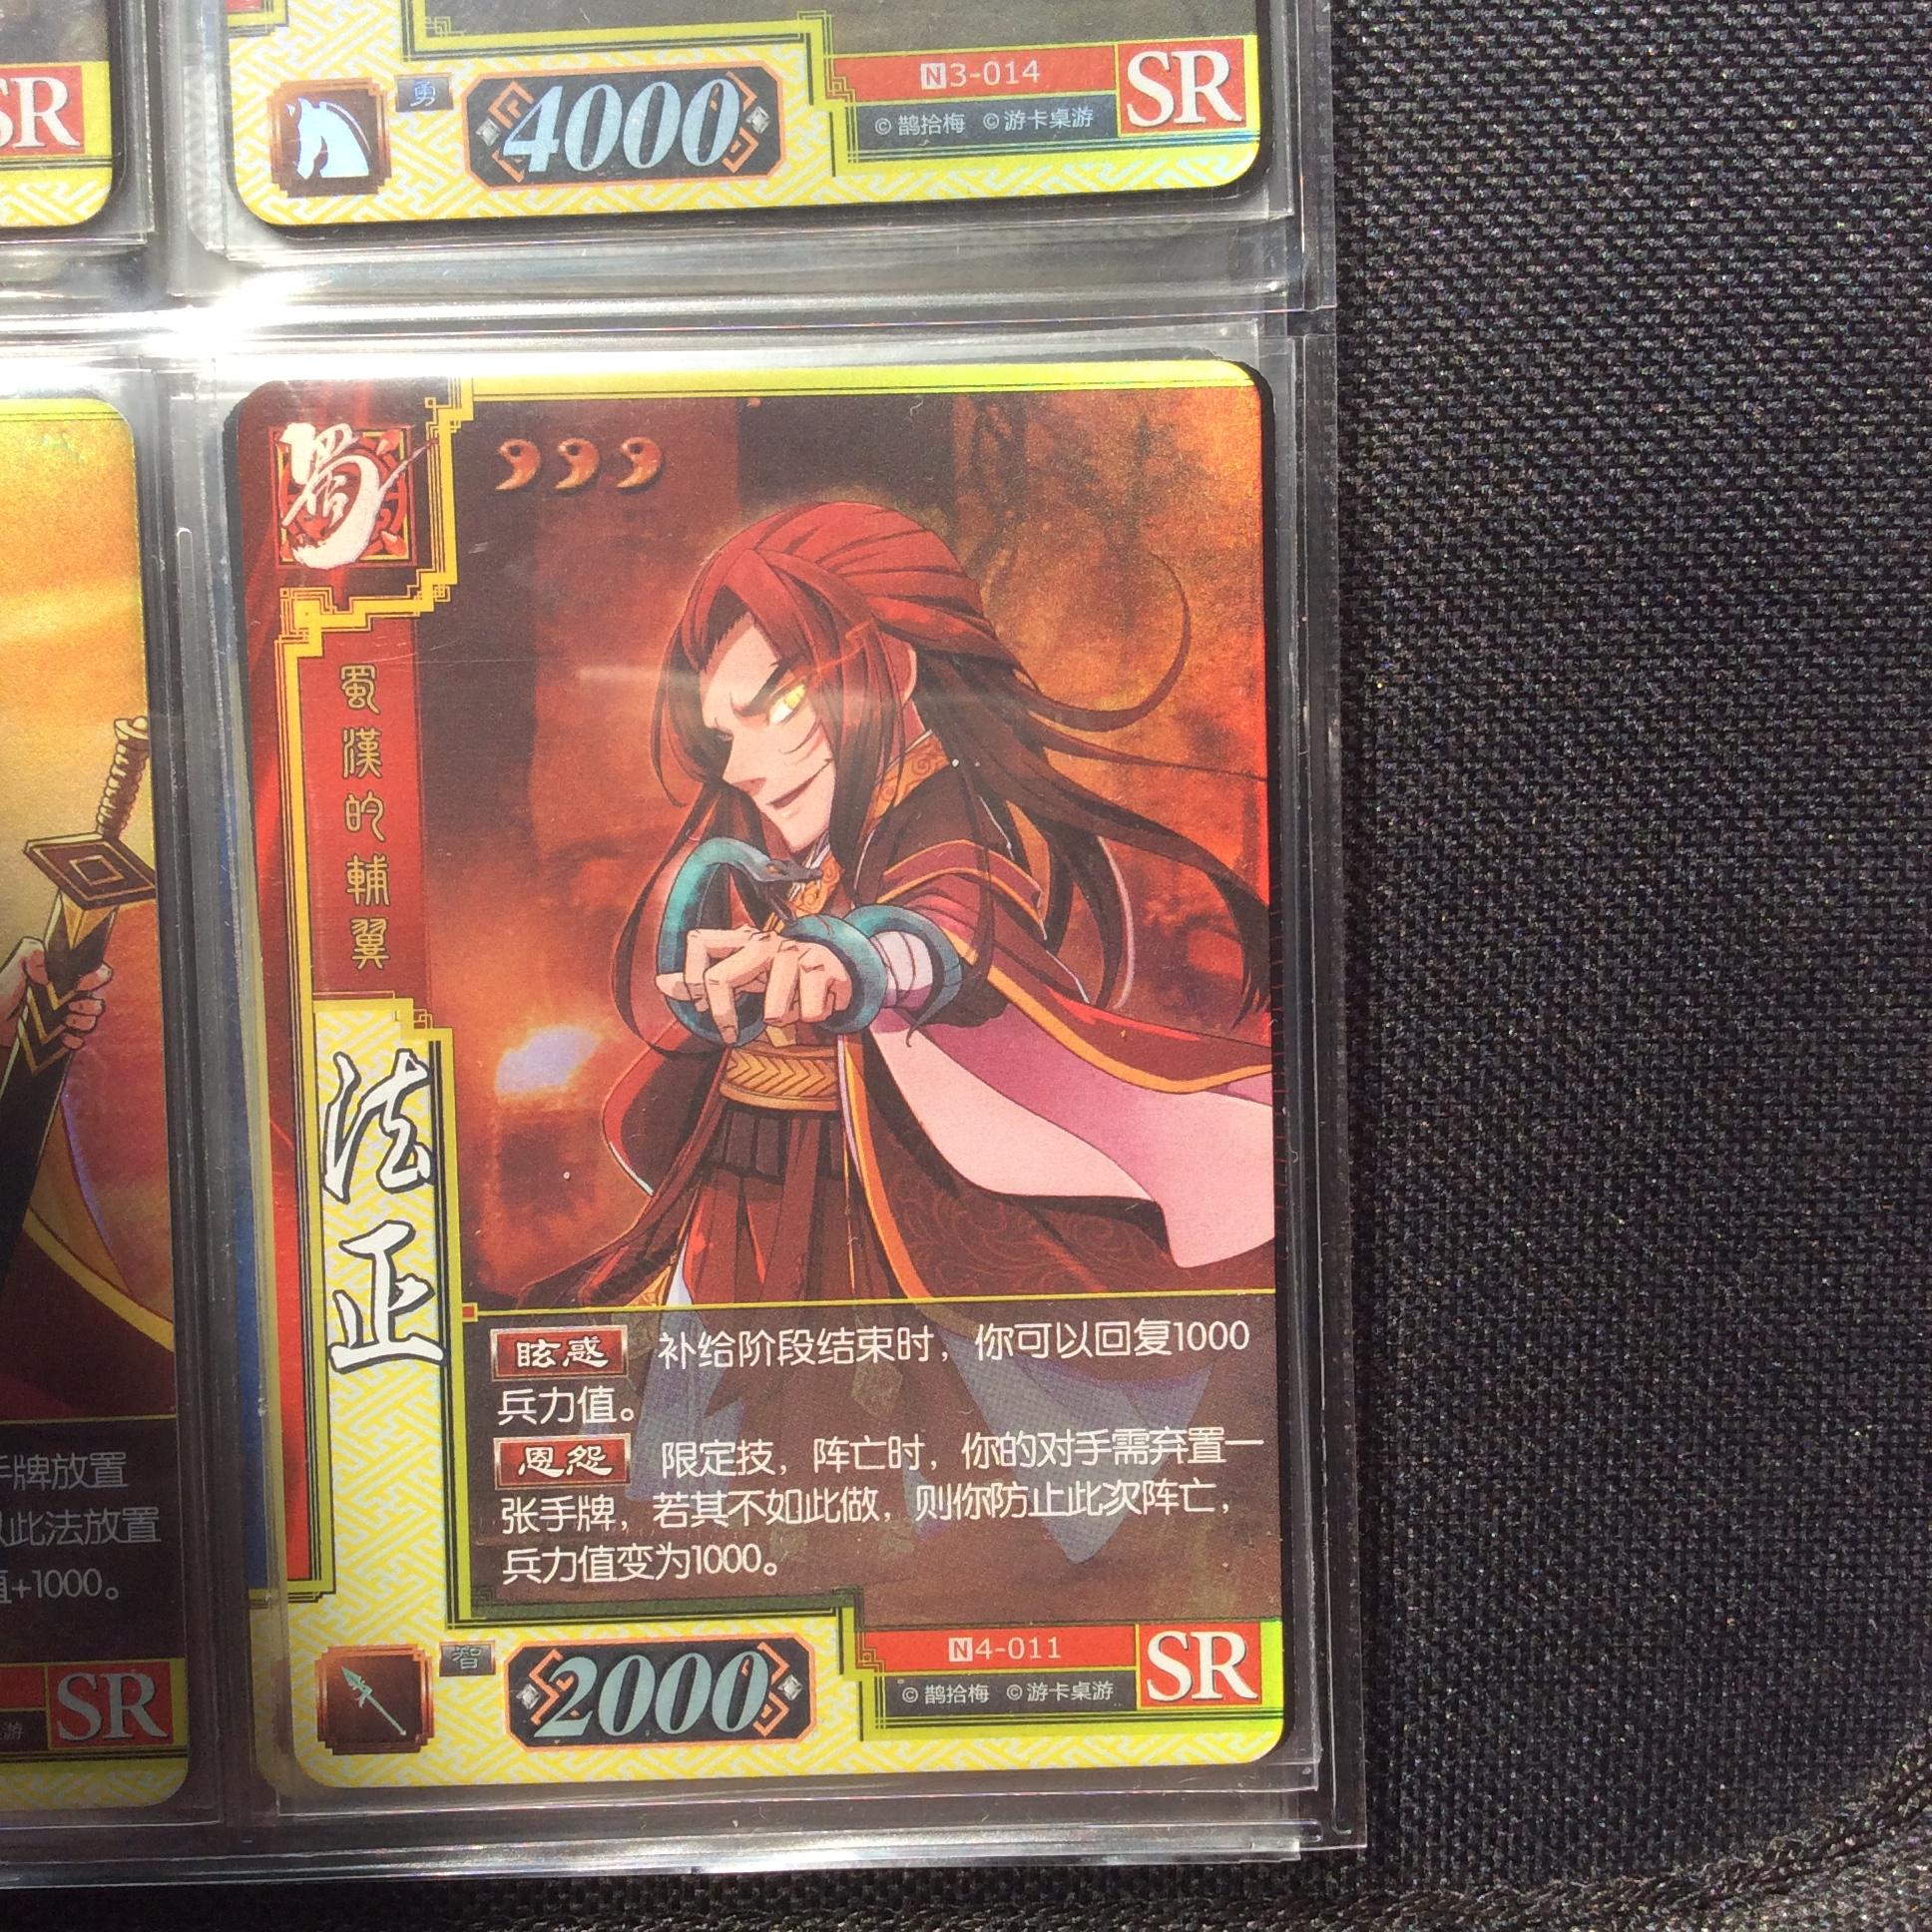 【带乐桌游】现货三国杀对战卡TCG 第四弹SR稀有闪卡法正正版单卡